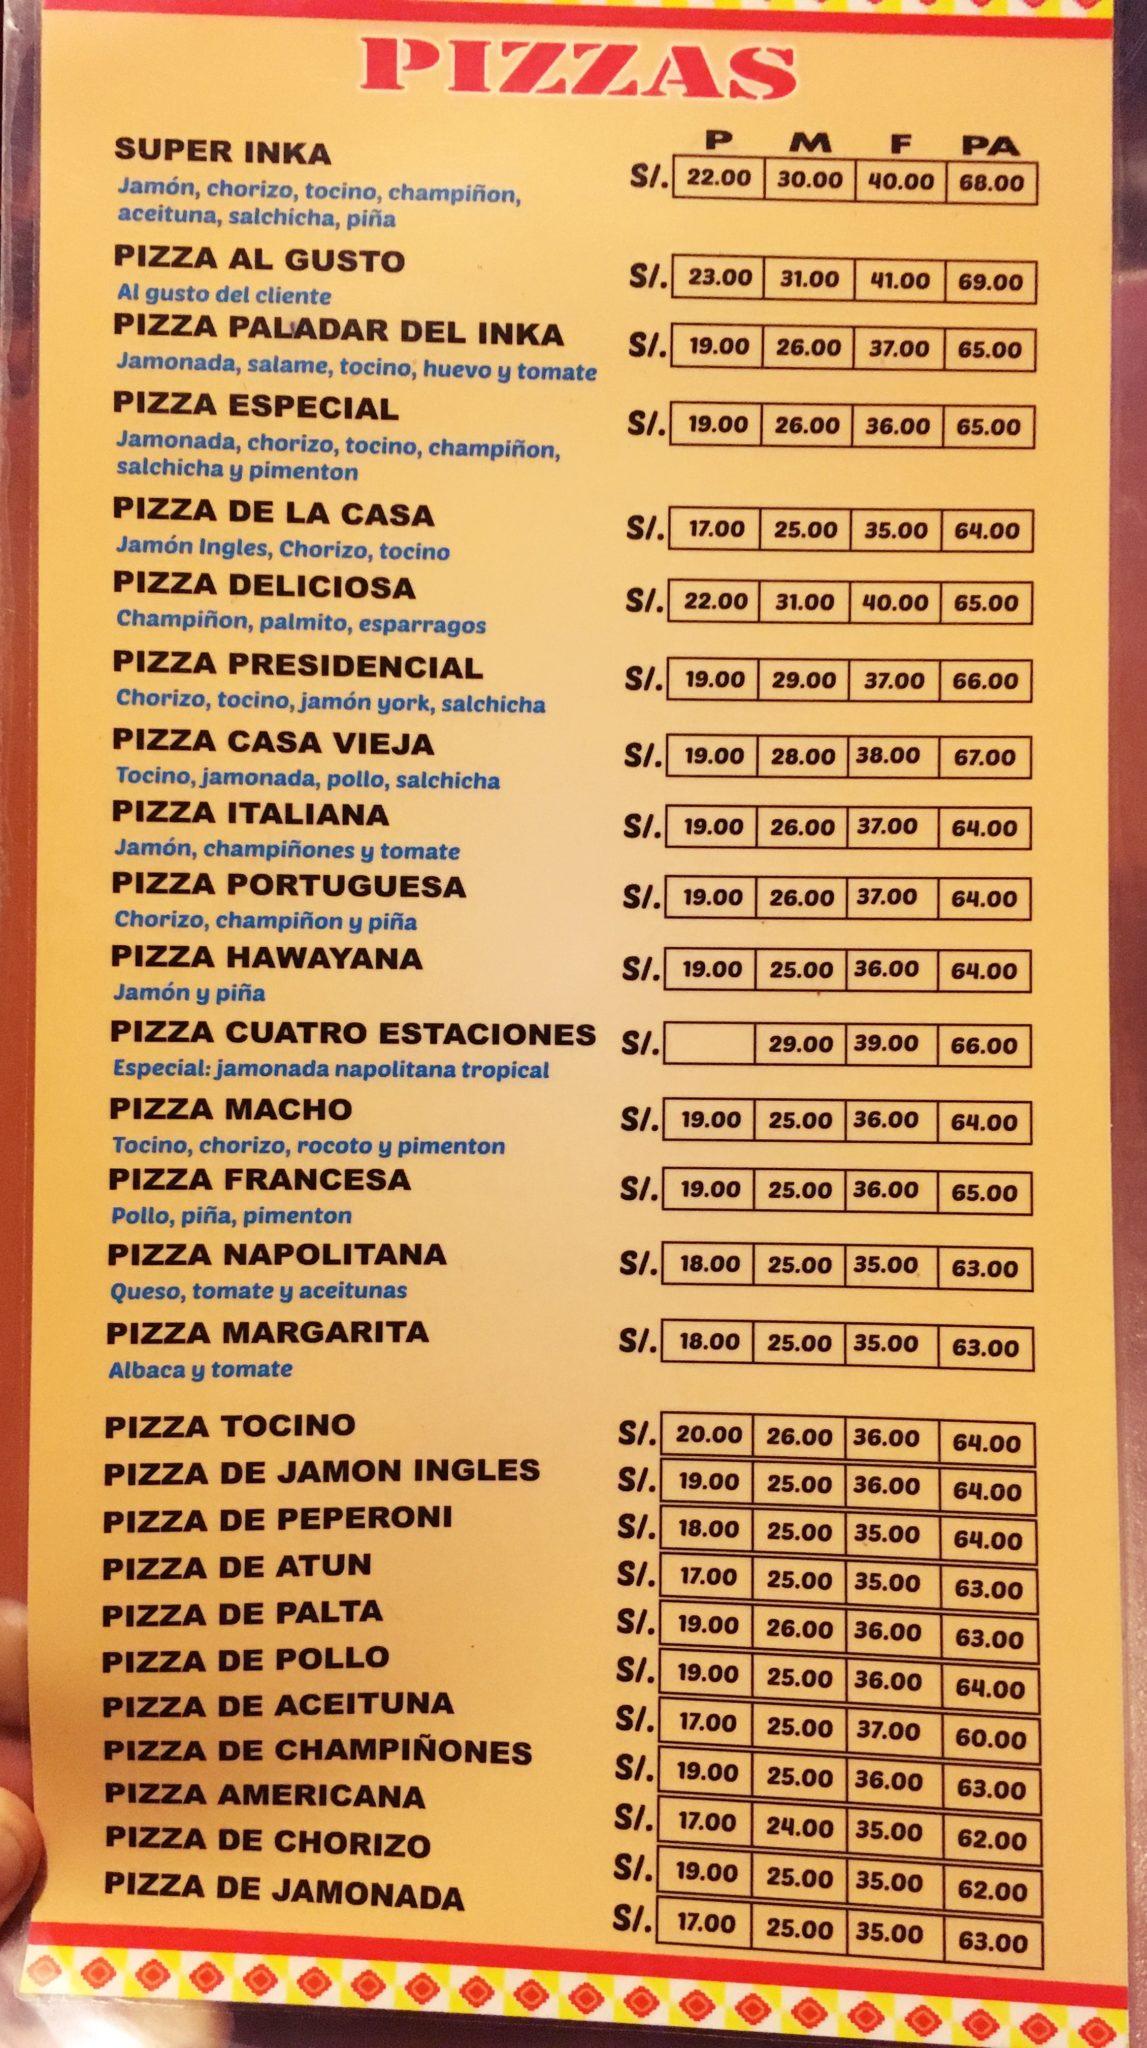 ペルー, クスコ, レストラン, ペルー料理, おいしい, ピザ, pizza